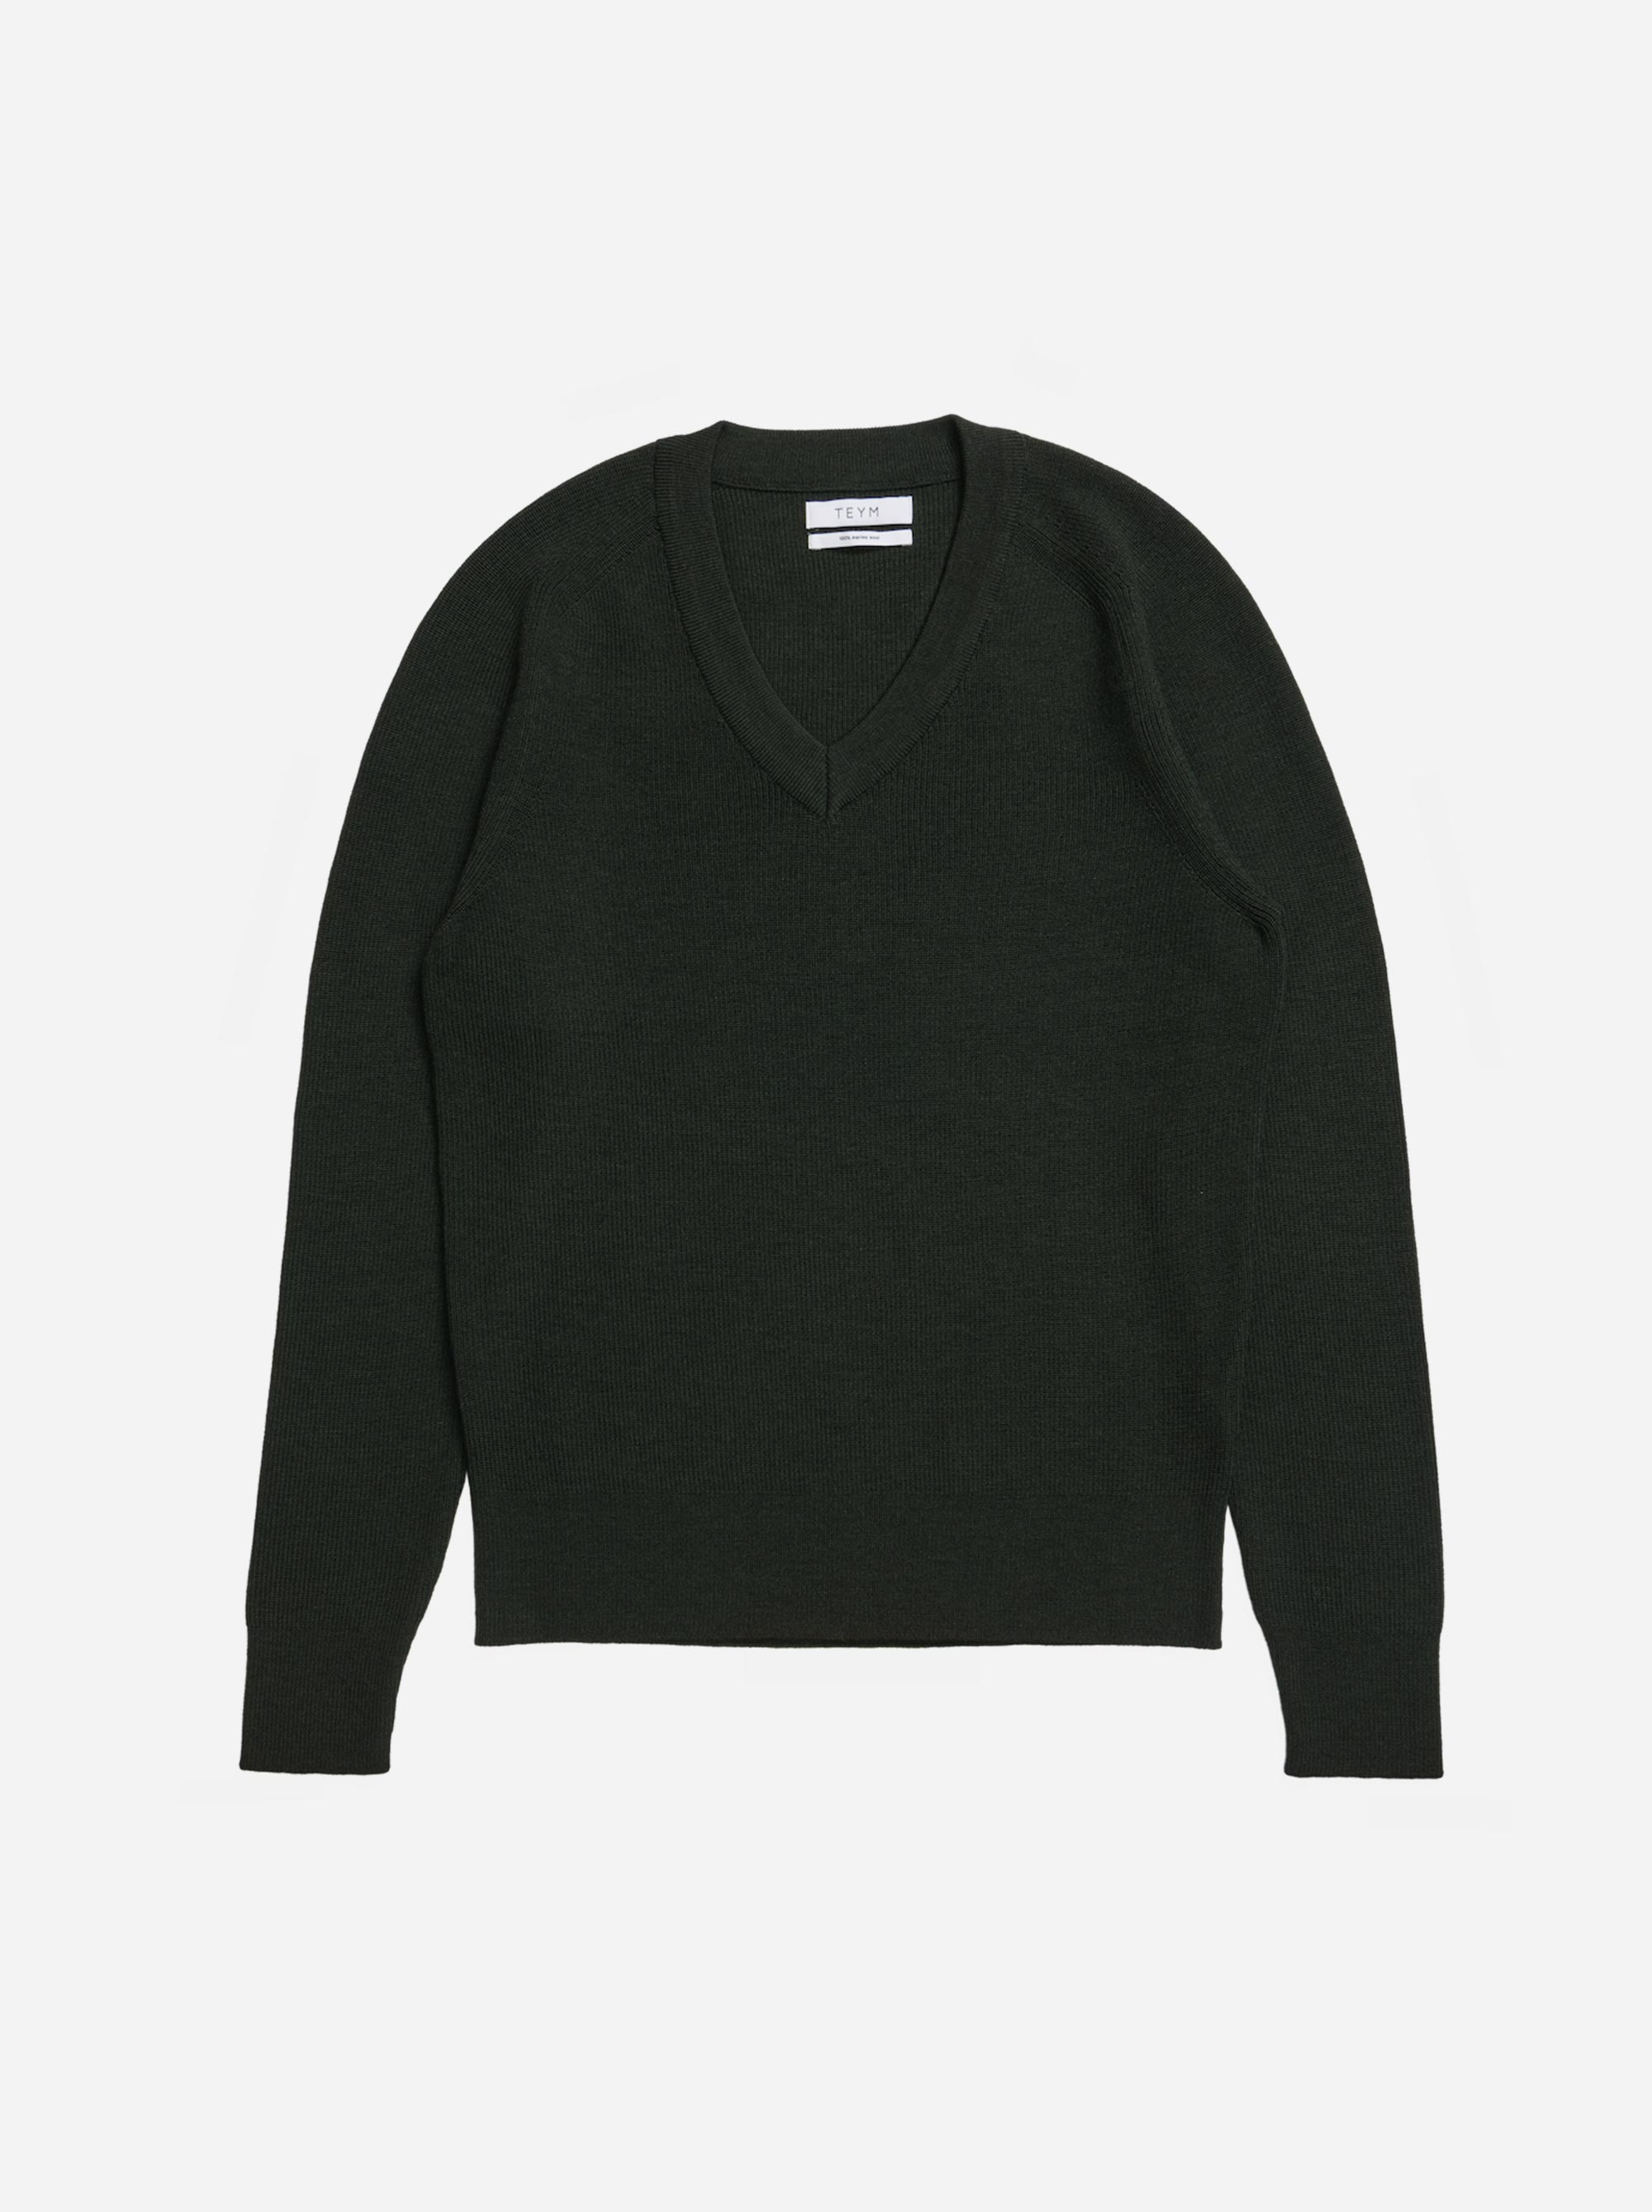 Teym - V-Neck - The Merino Sweater - Men - Green - 4